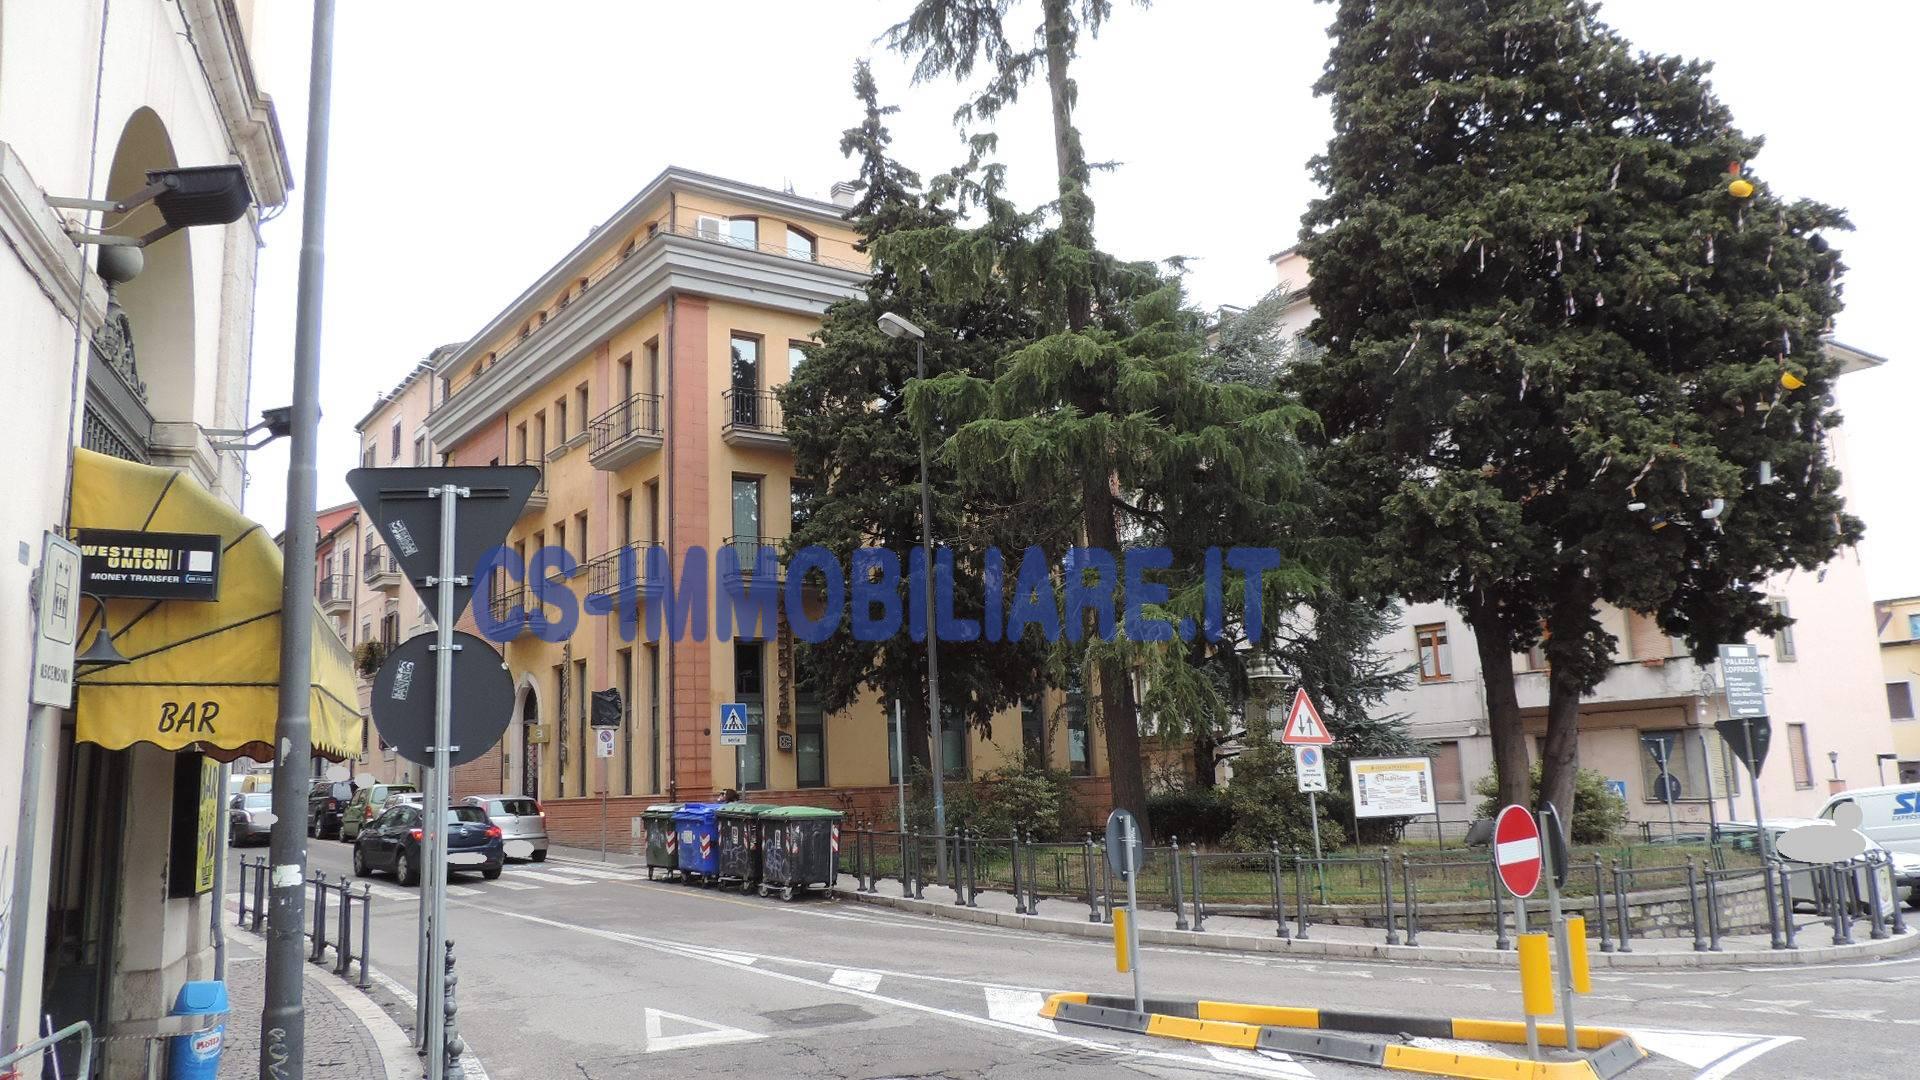 Ufficio / Studio in affitto a Potenza, 9999 locali, zona Località: Centro, prezzo € 650 | CambioCasa.it